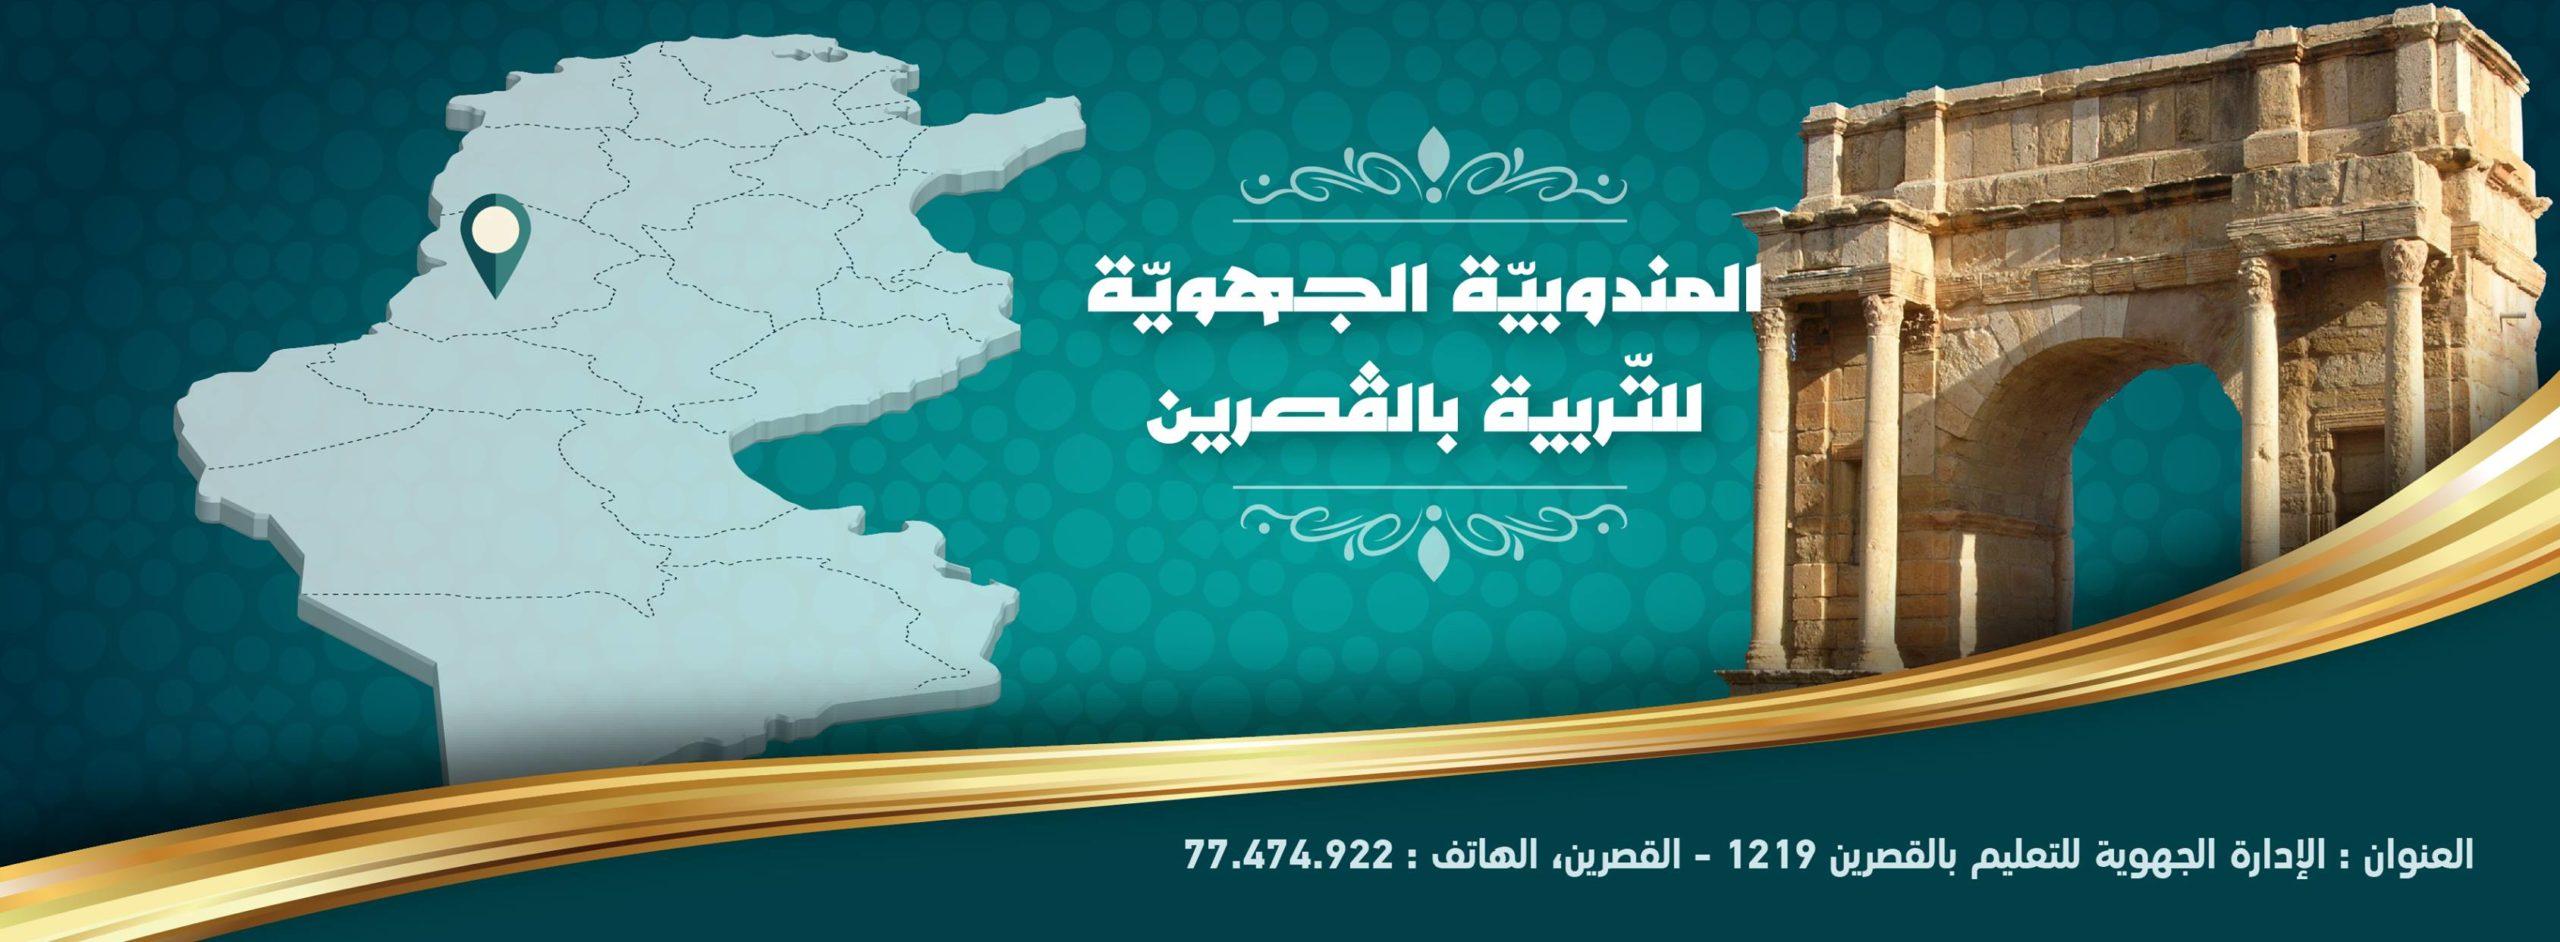 بتاريخ 25 نوفمبر: تسجيل 5 وفيات و34 حالة اصابة بفيروس كورونا في القصرين